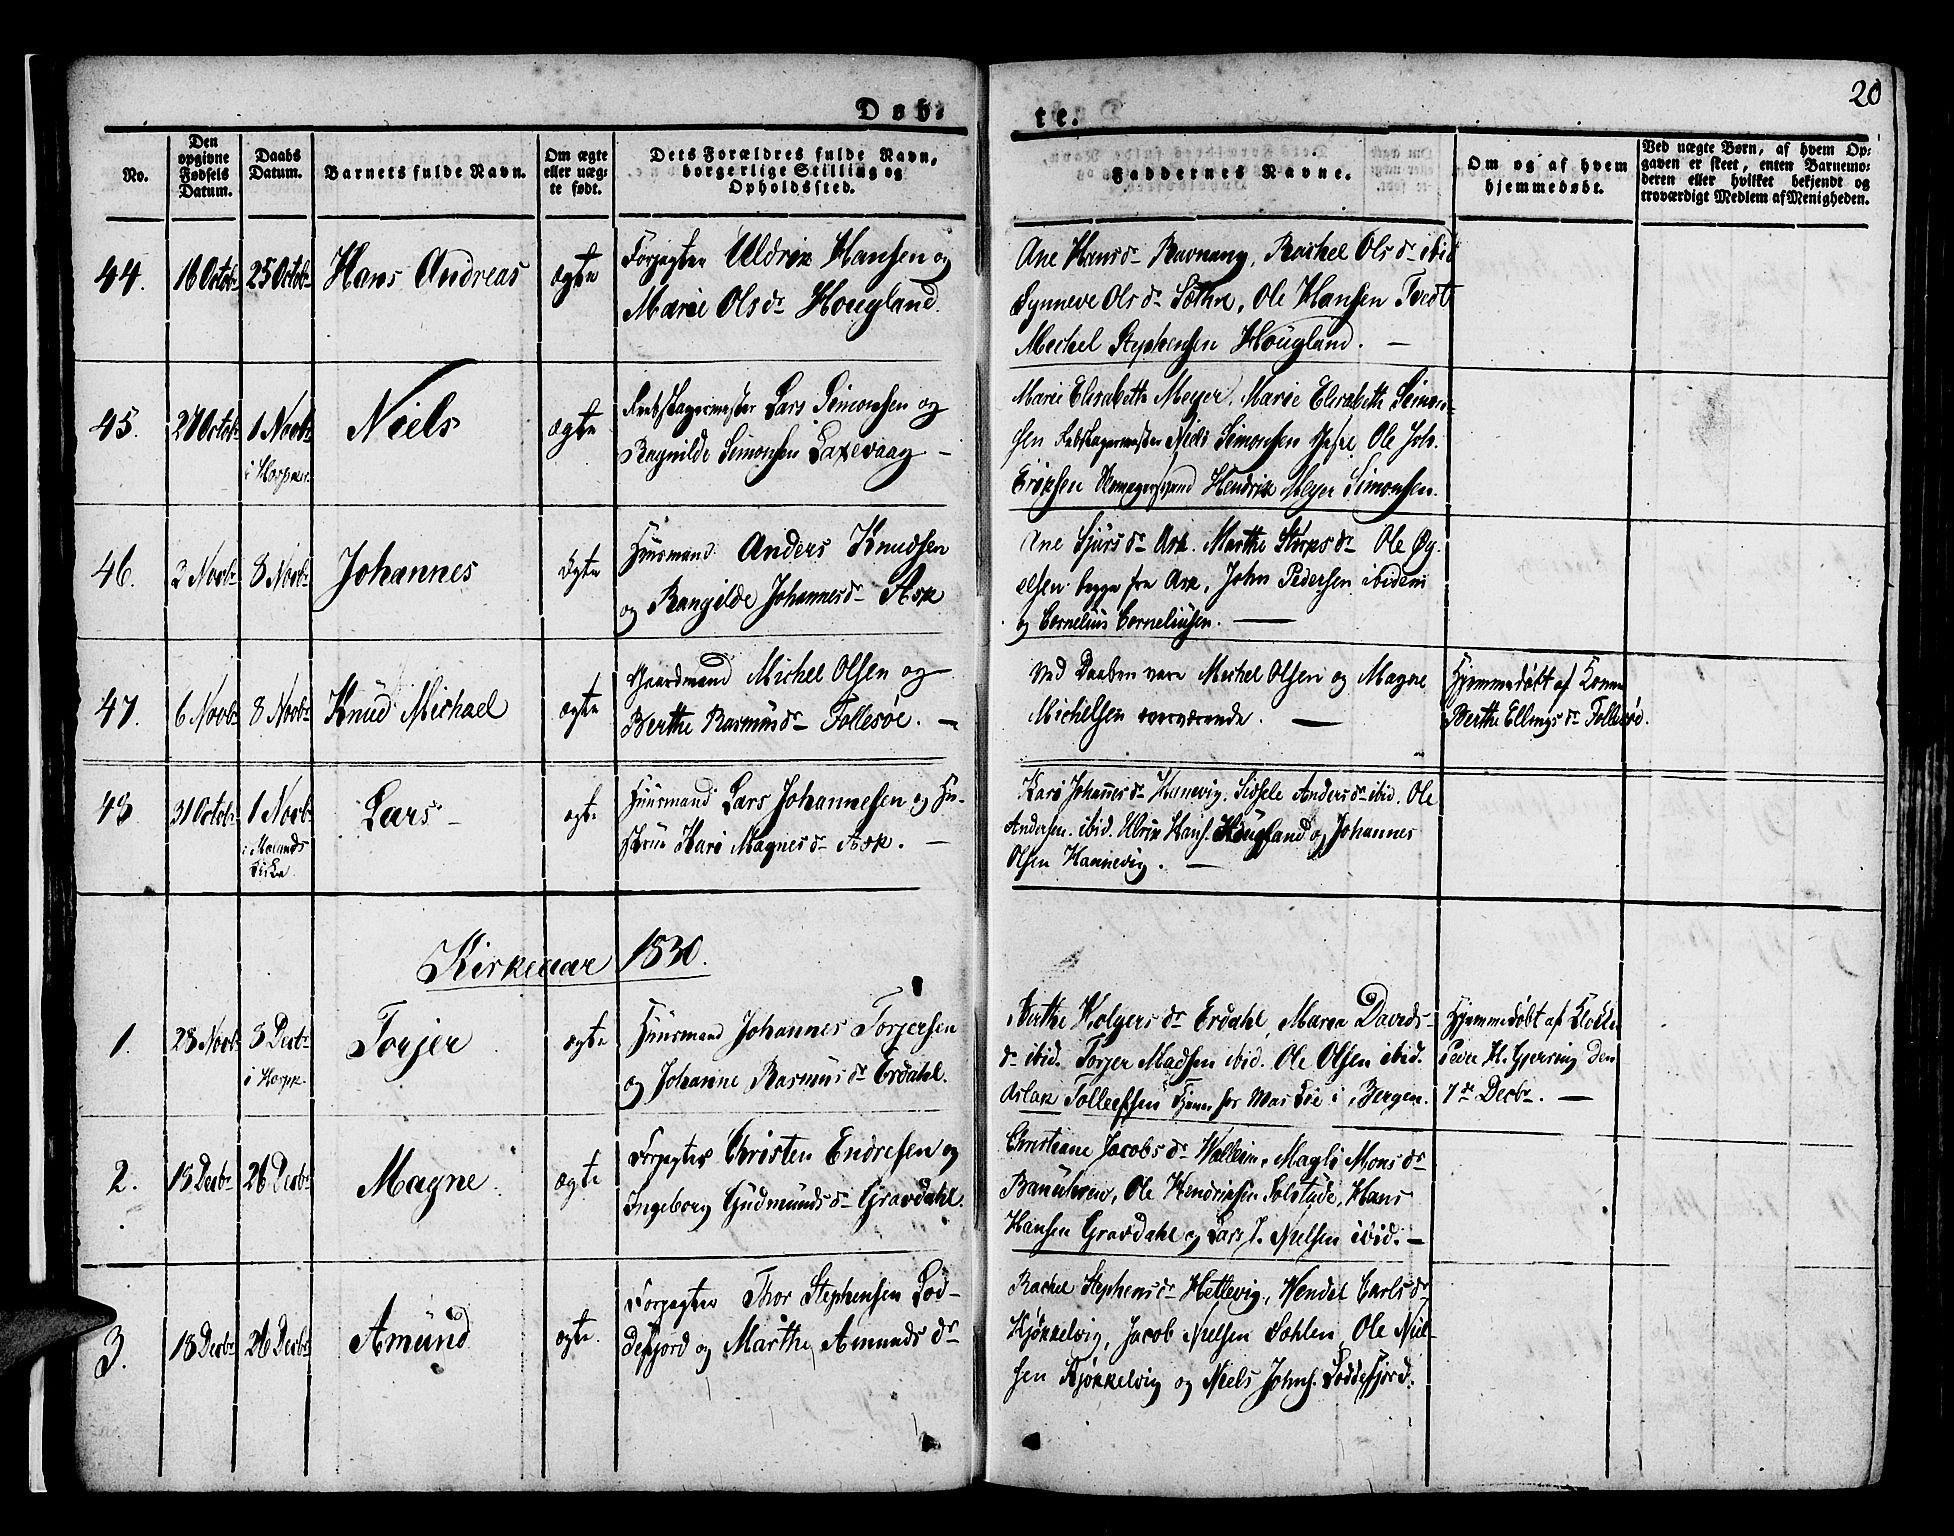 SAB, Askøy Sokneprestembete, H/Ha/Haa/Haaa/L0004: Parish register (official) no. A 4, 1825-1845, p. 20